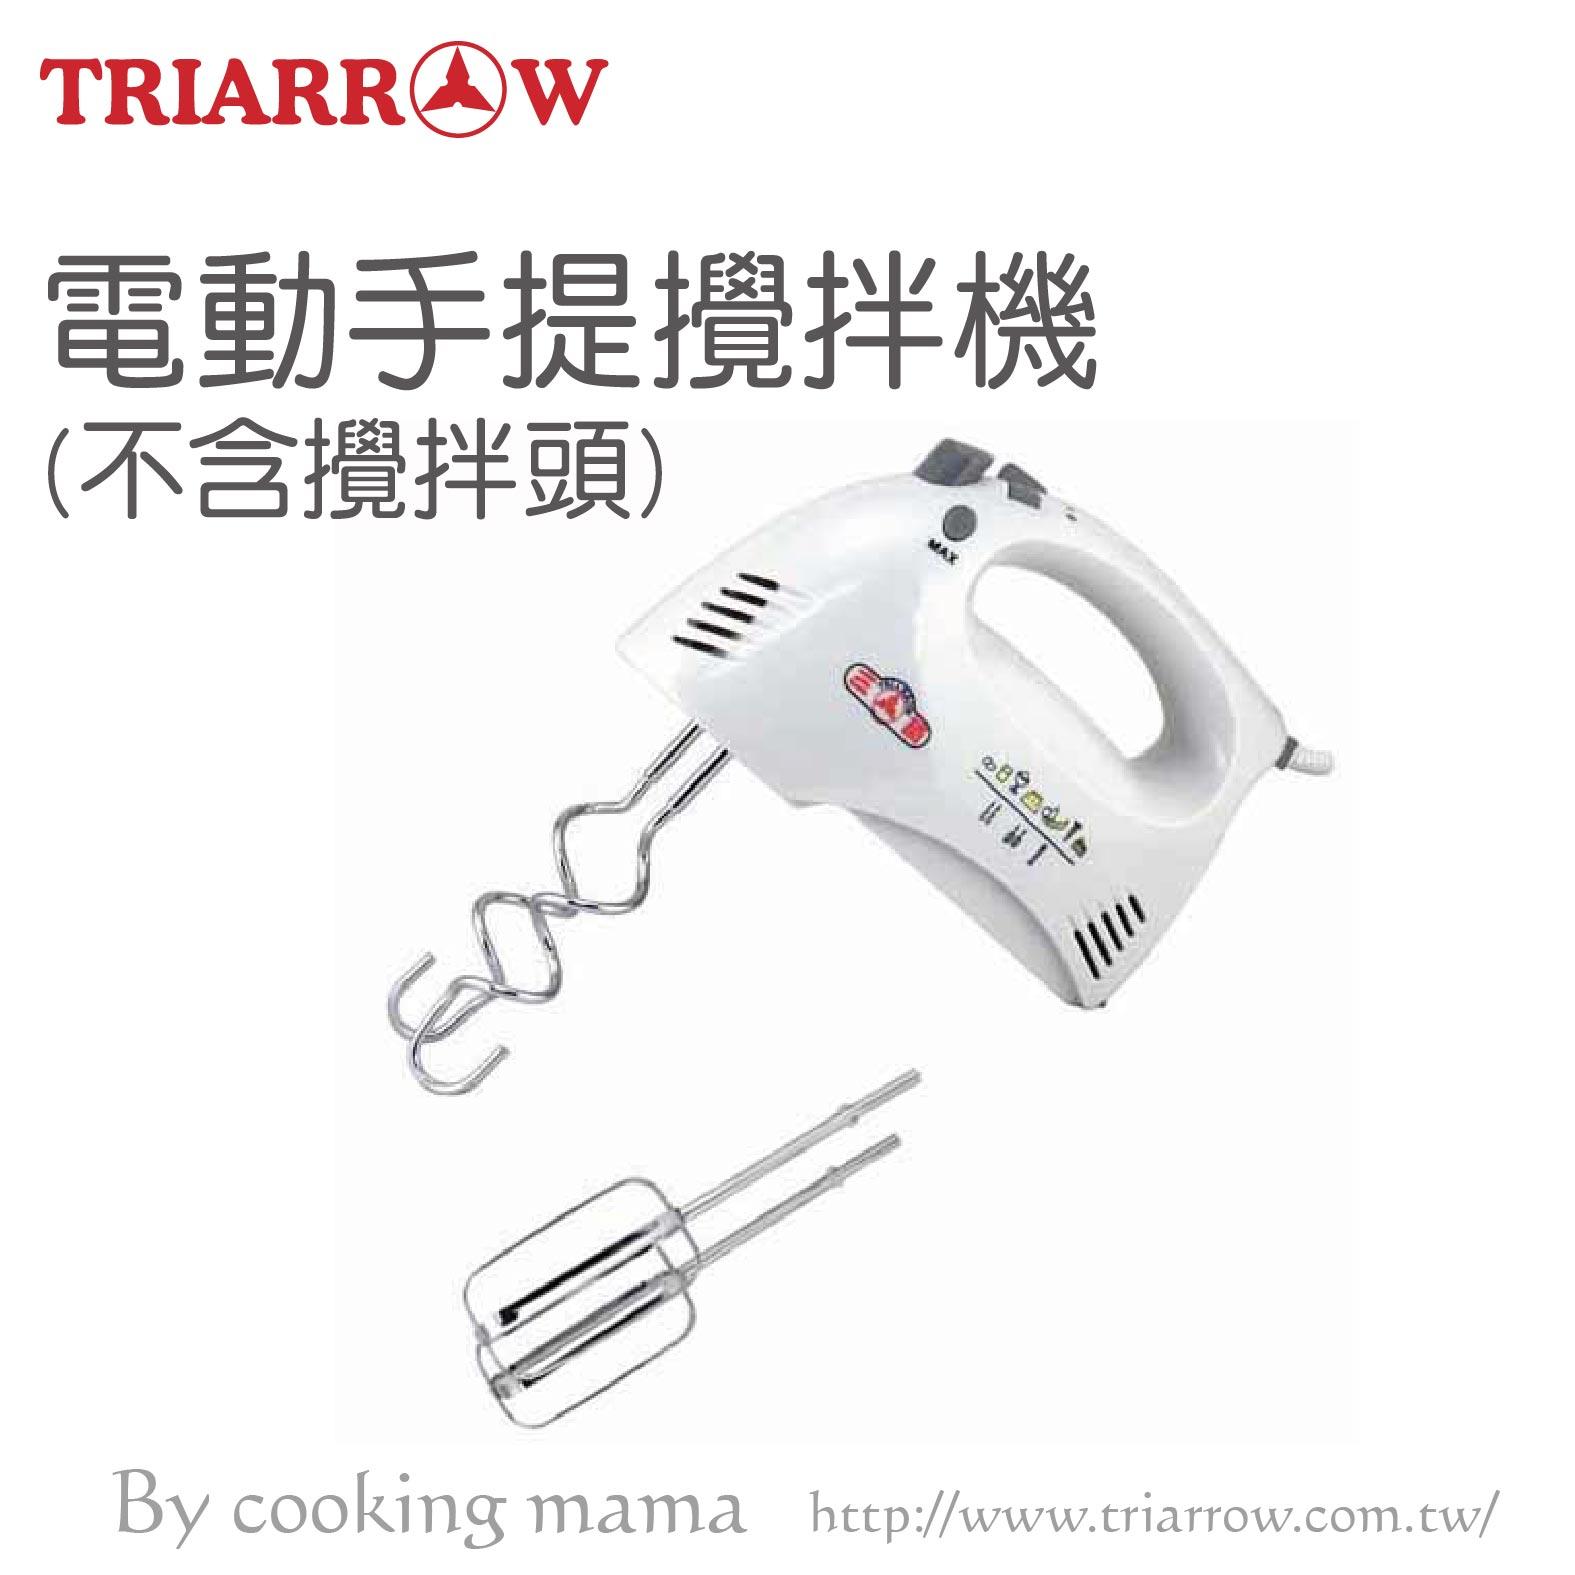 烘培料理【三箭】手提式電動攪拌器、打蛋器HM-250A-1《不含攪拌頭》